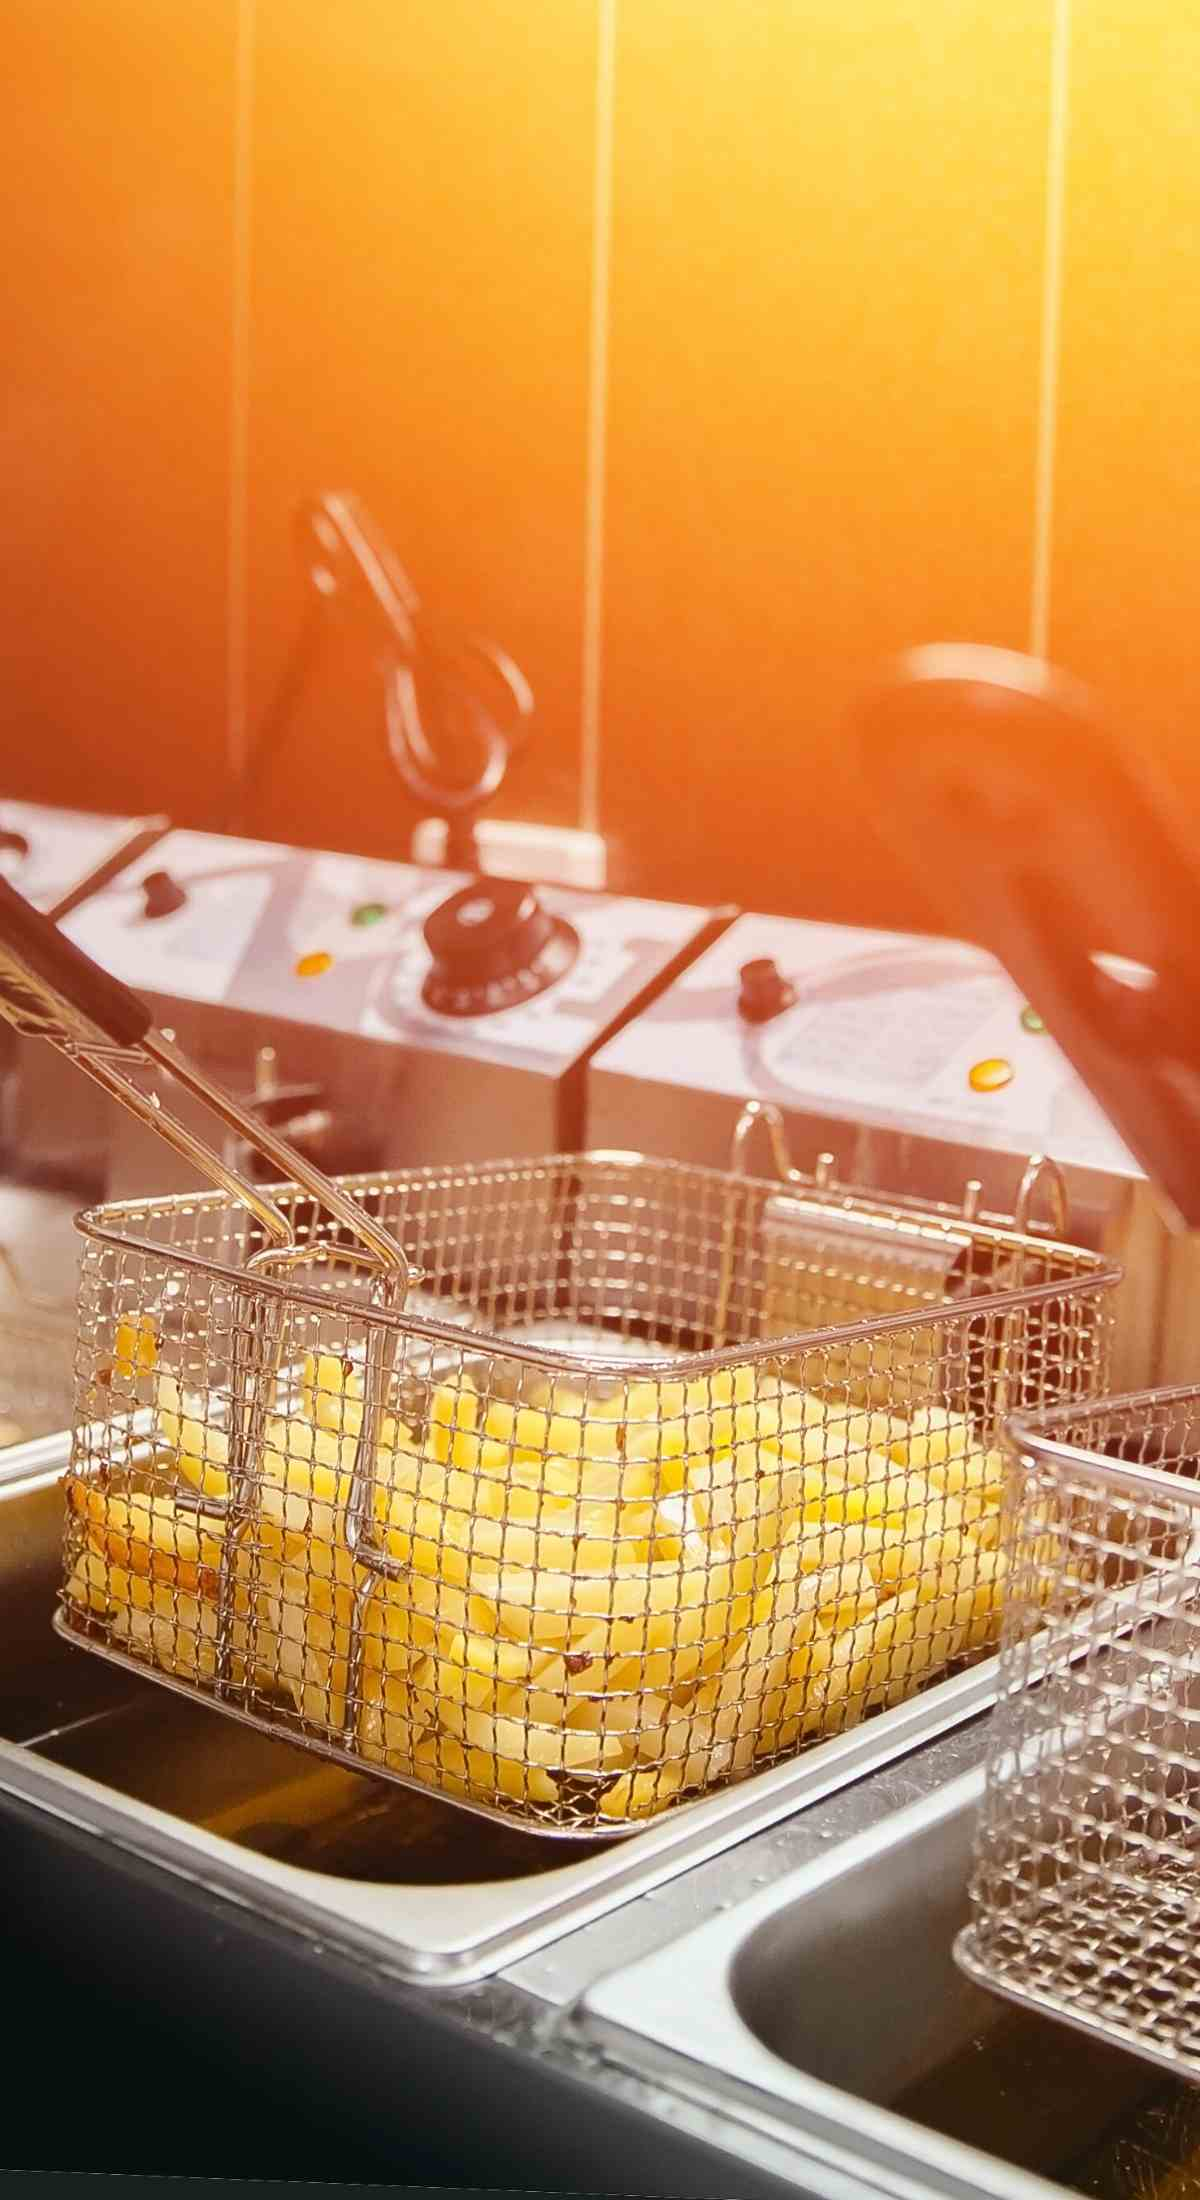 Ritiro olio vegetale esausto ristorazione